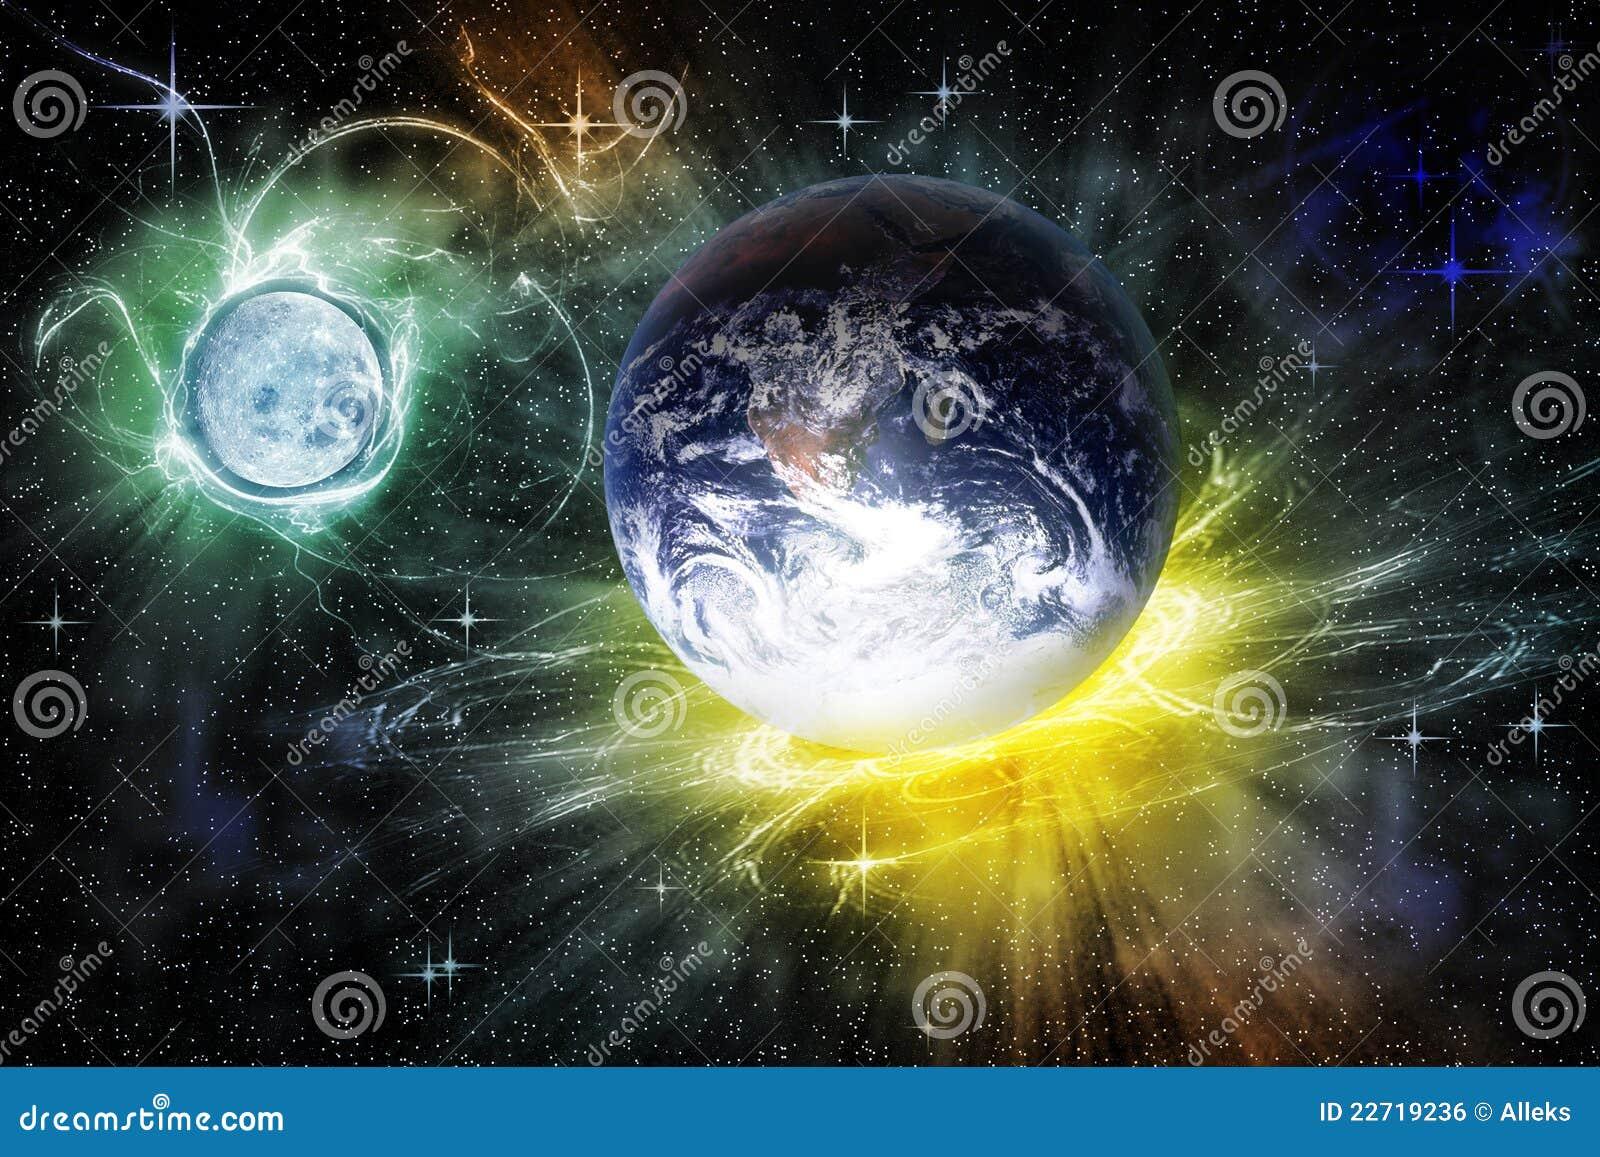 Ilustração Gratis Espaço Todos Os Universo Cosmos: Paisagem Abstrata Do Cosmos Ilustração Stock